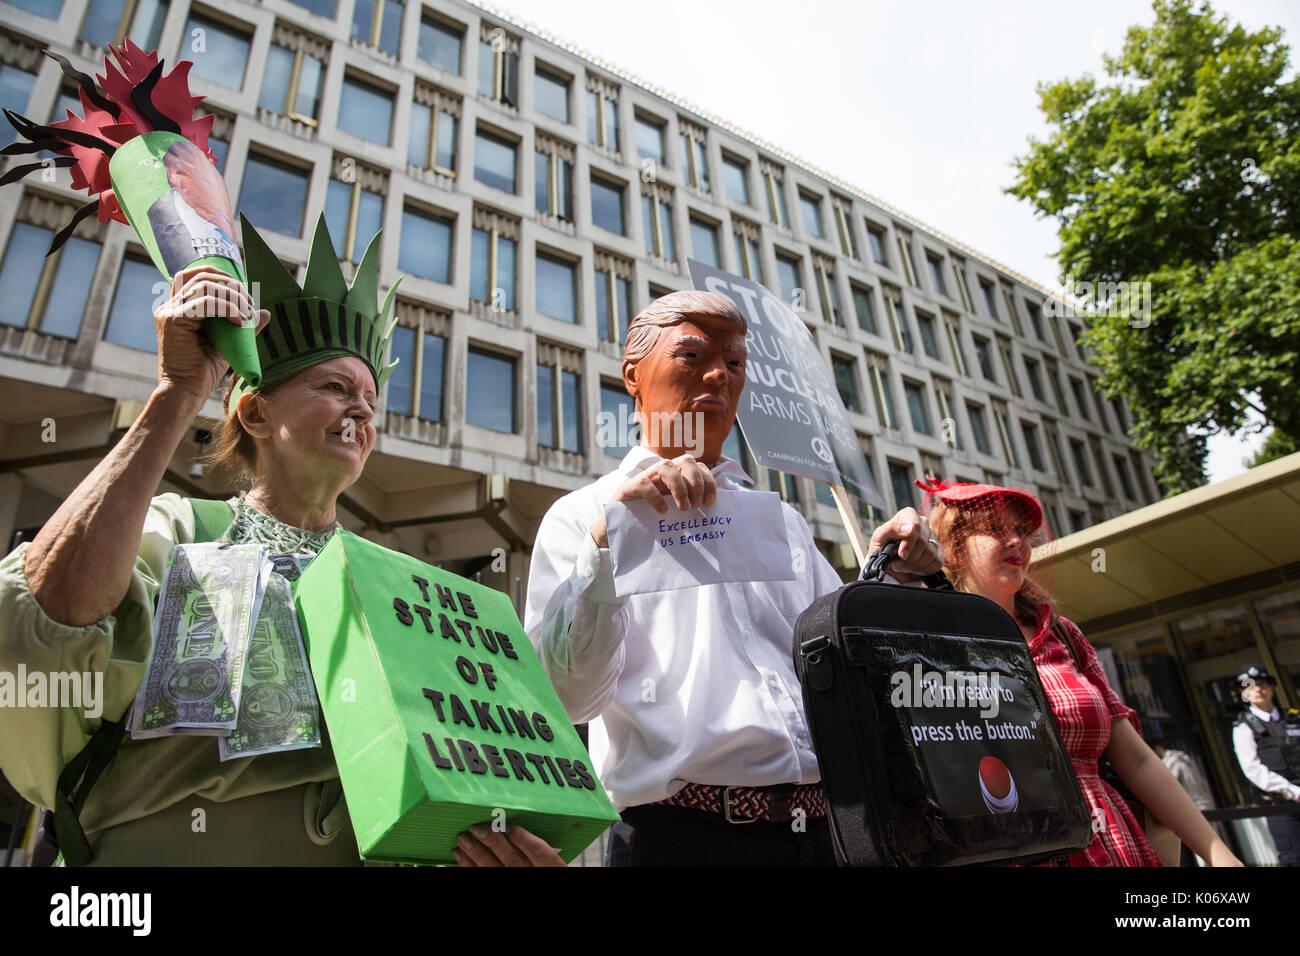 Londres, Reino Unido. 11 de agosto del 2017. Los activistas procedentes de la Coalición Paremos la Guerra y la Campaña para el desarme nuclear (CND), uno de los cuales enmascarado como Donald Tr Imagen De Stock